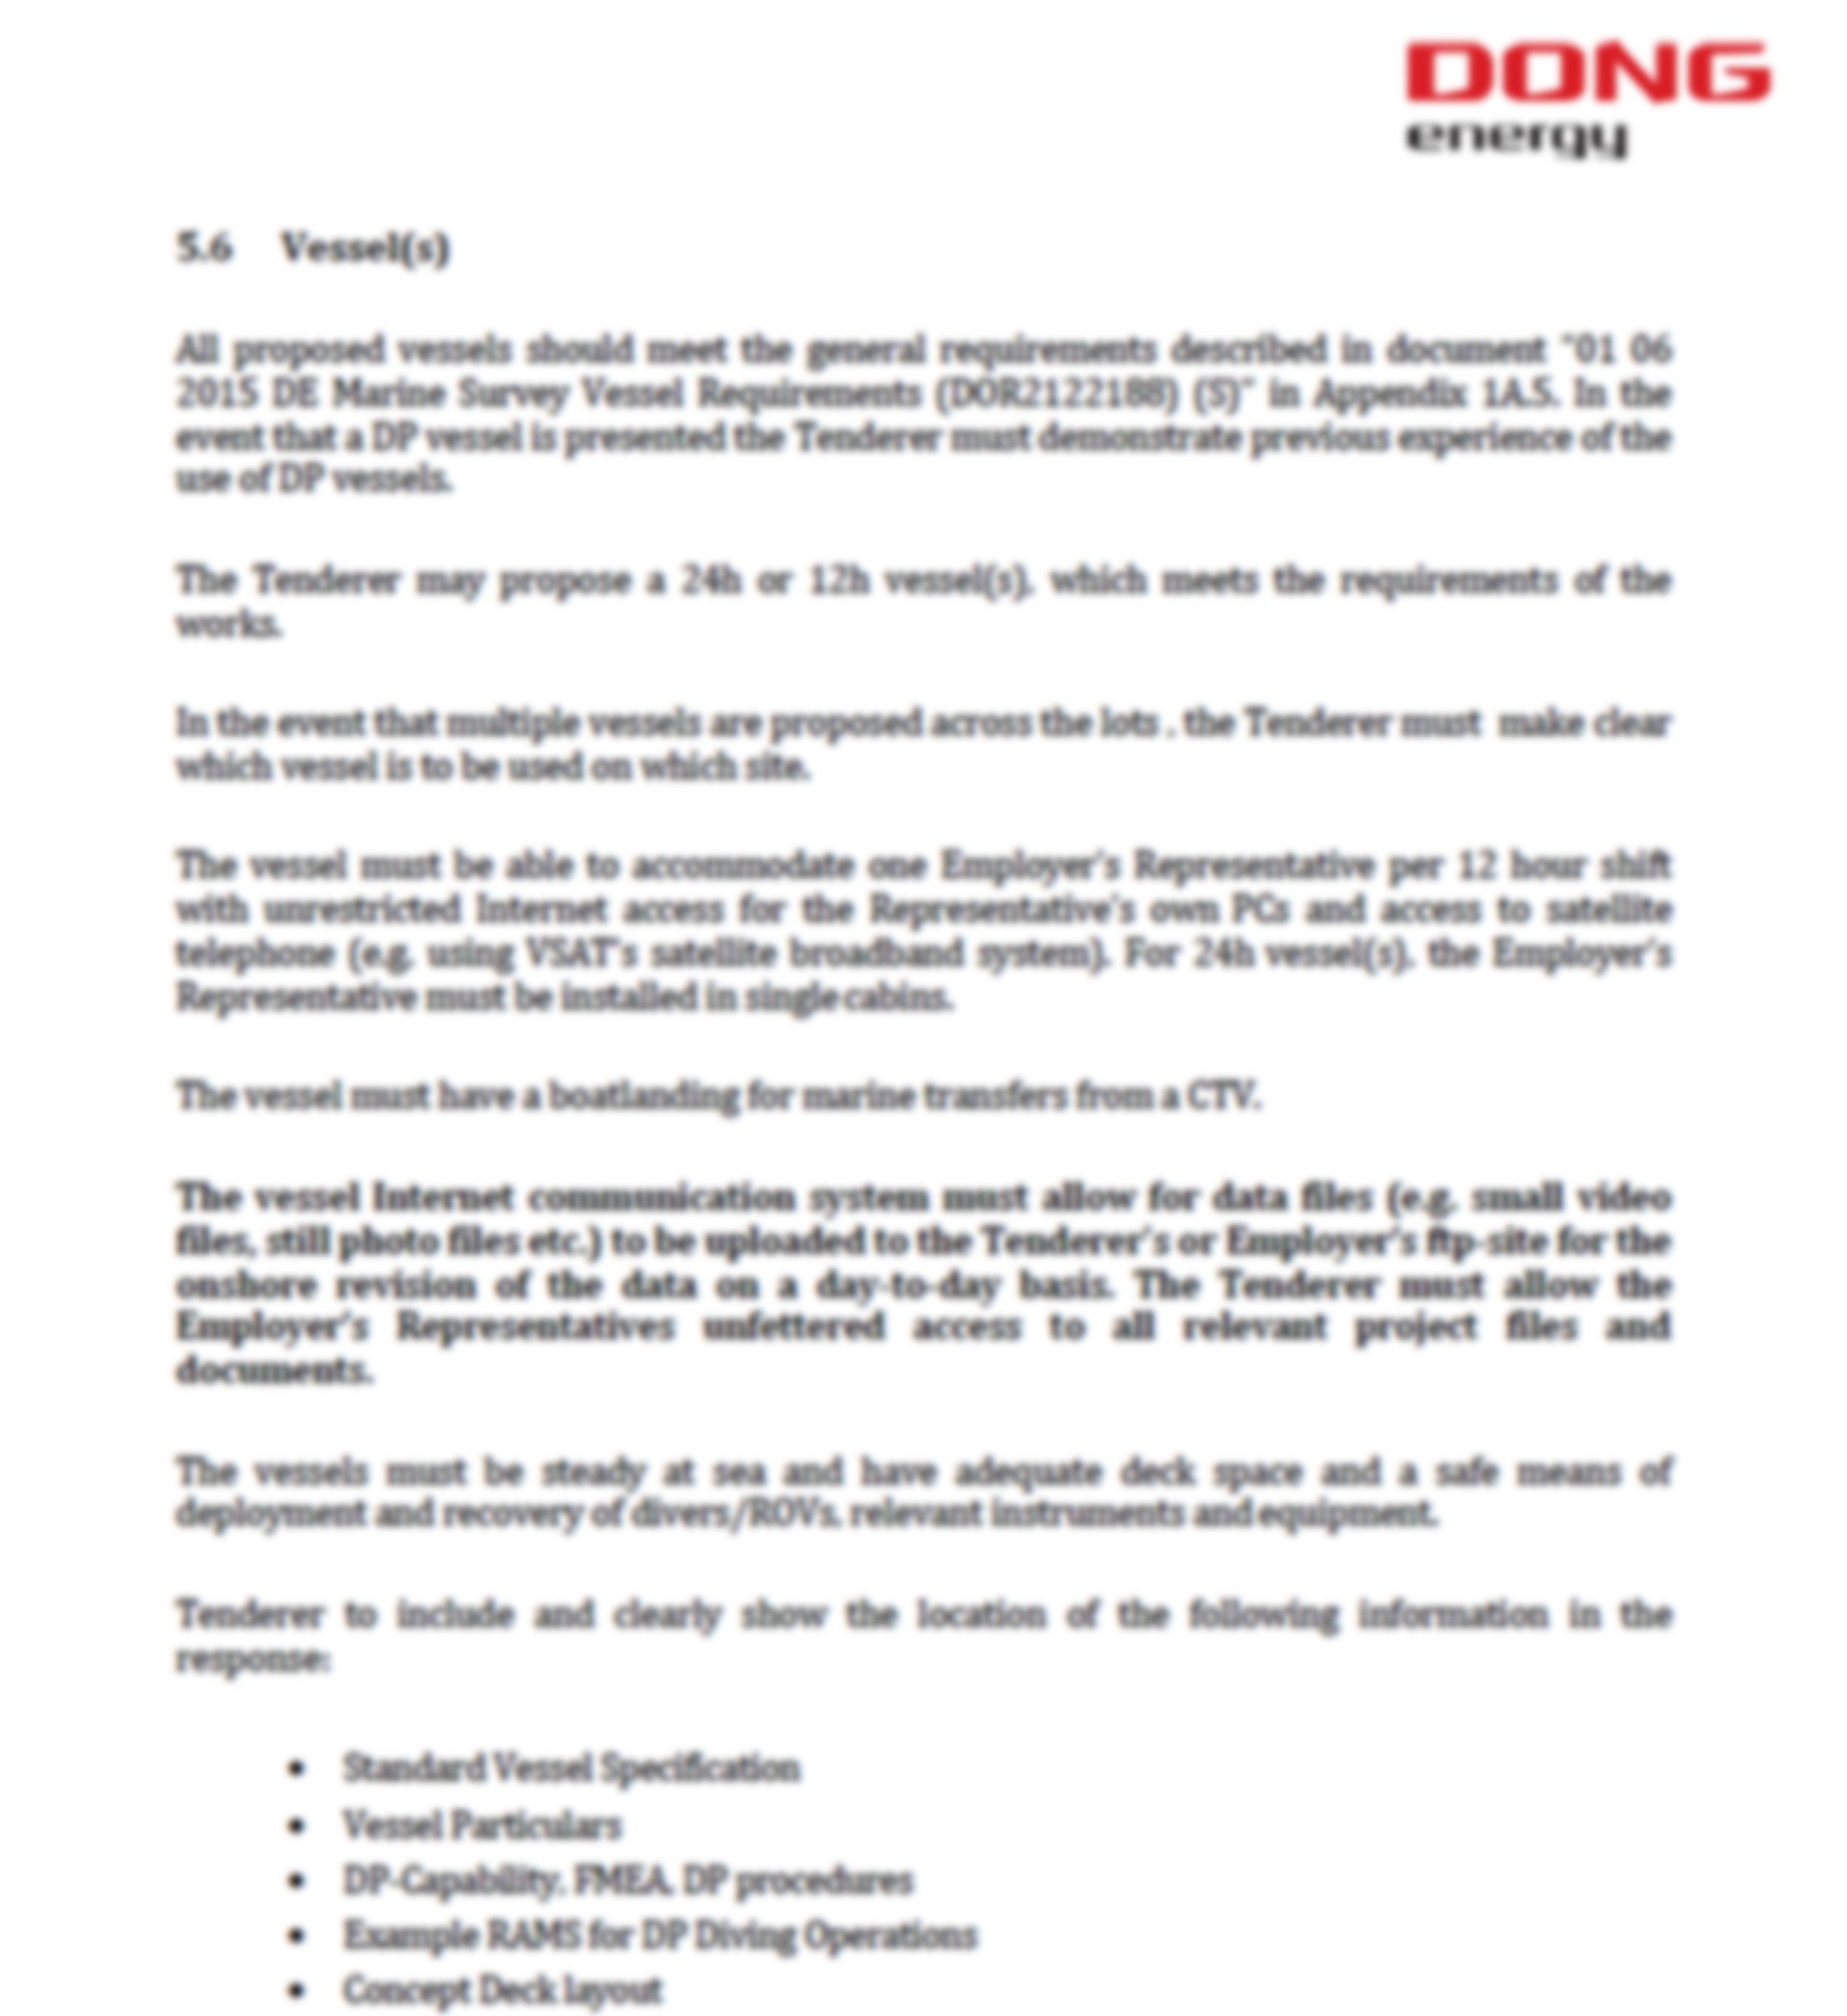 Diving procurement & tender support image